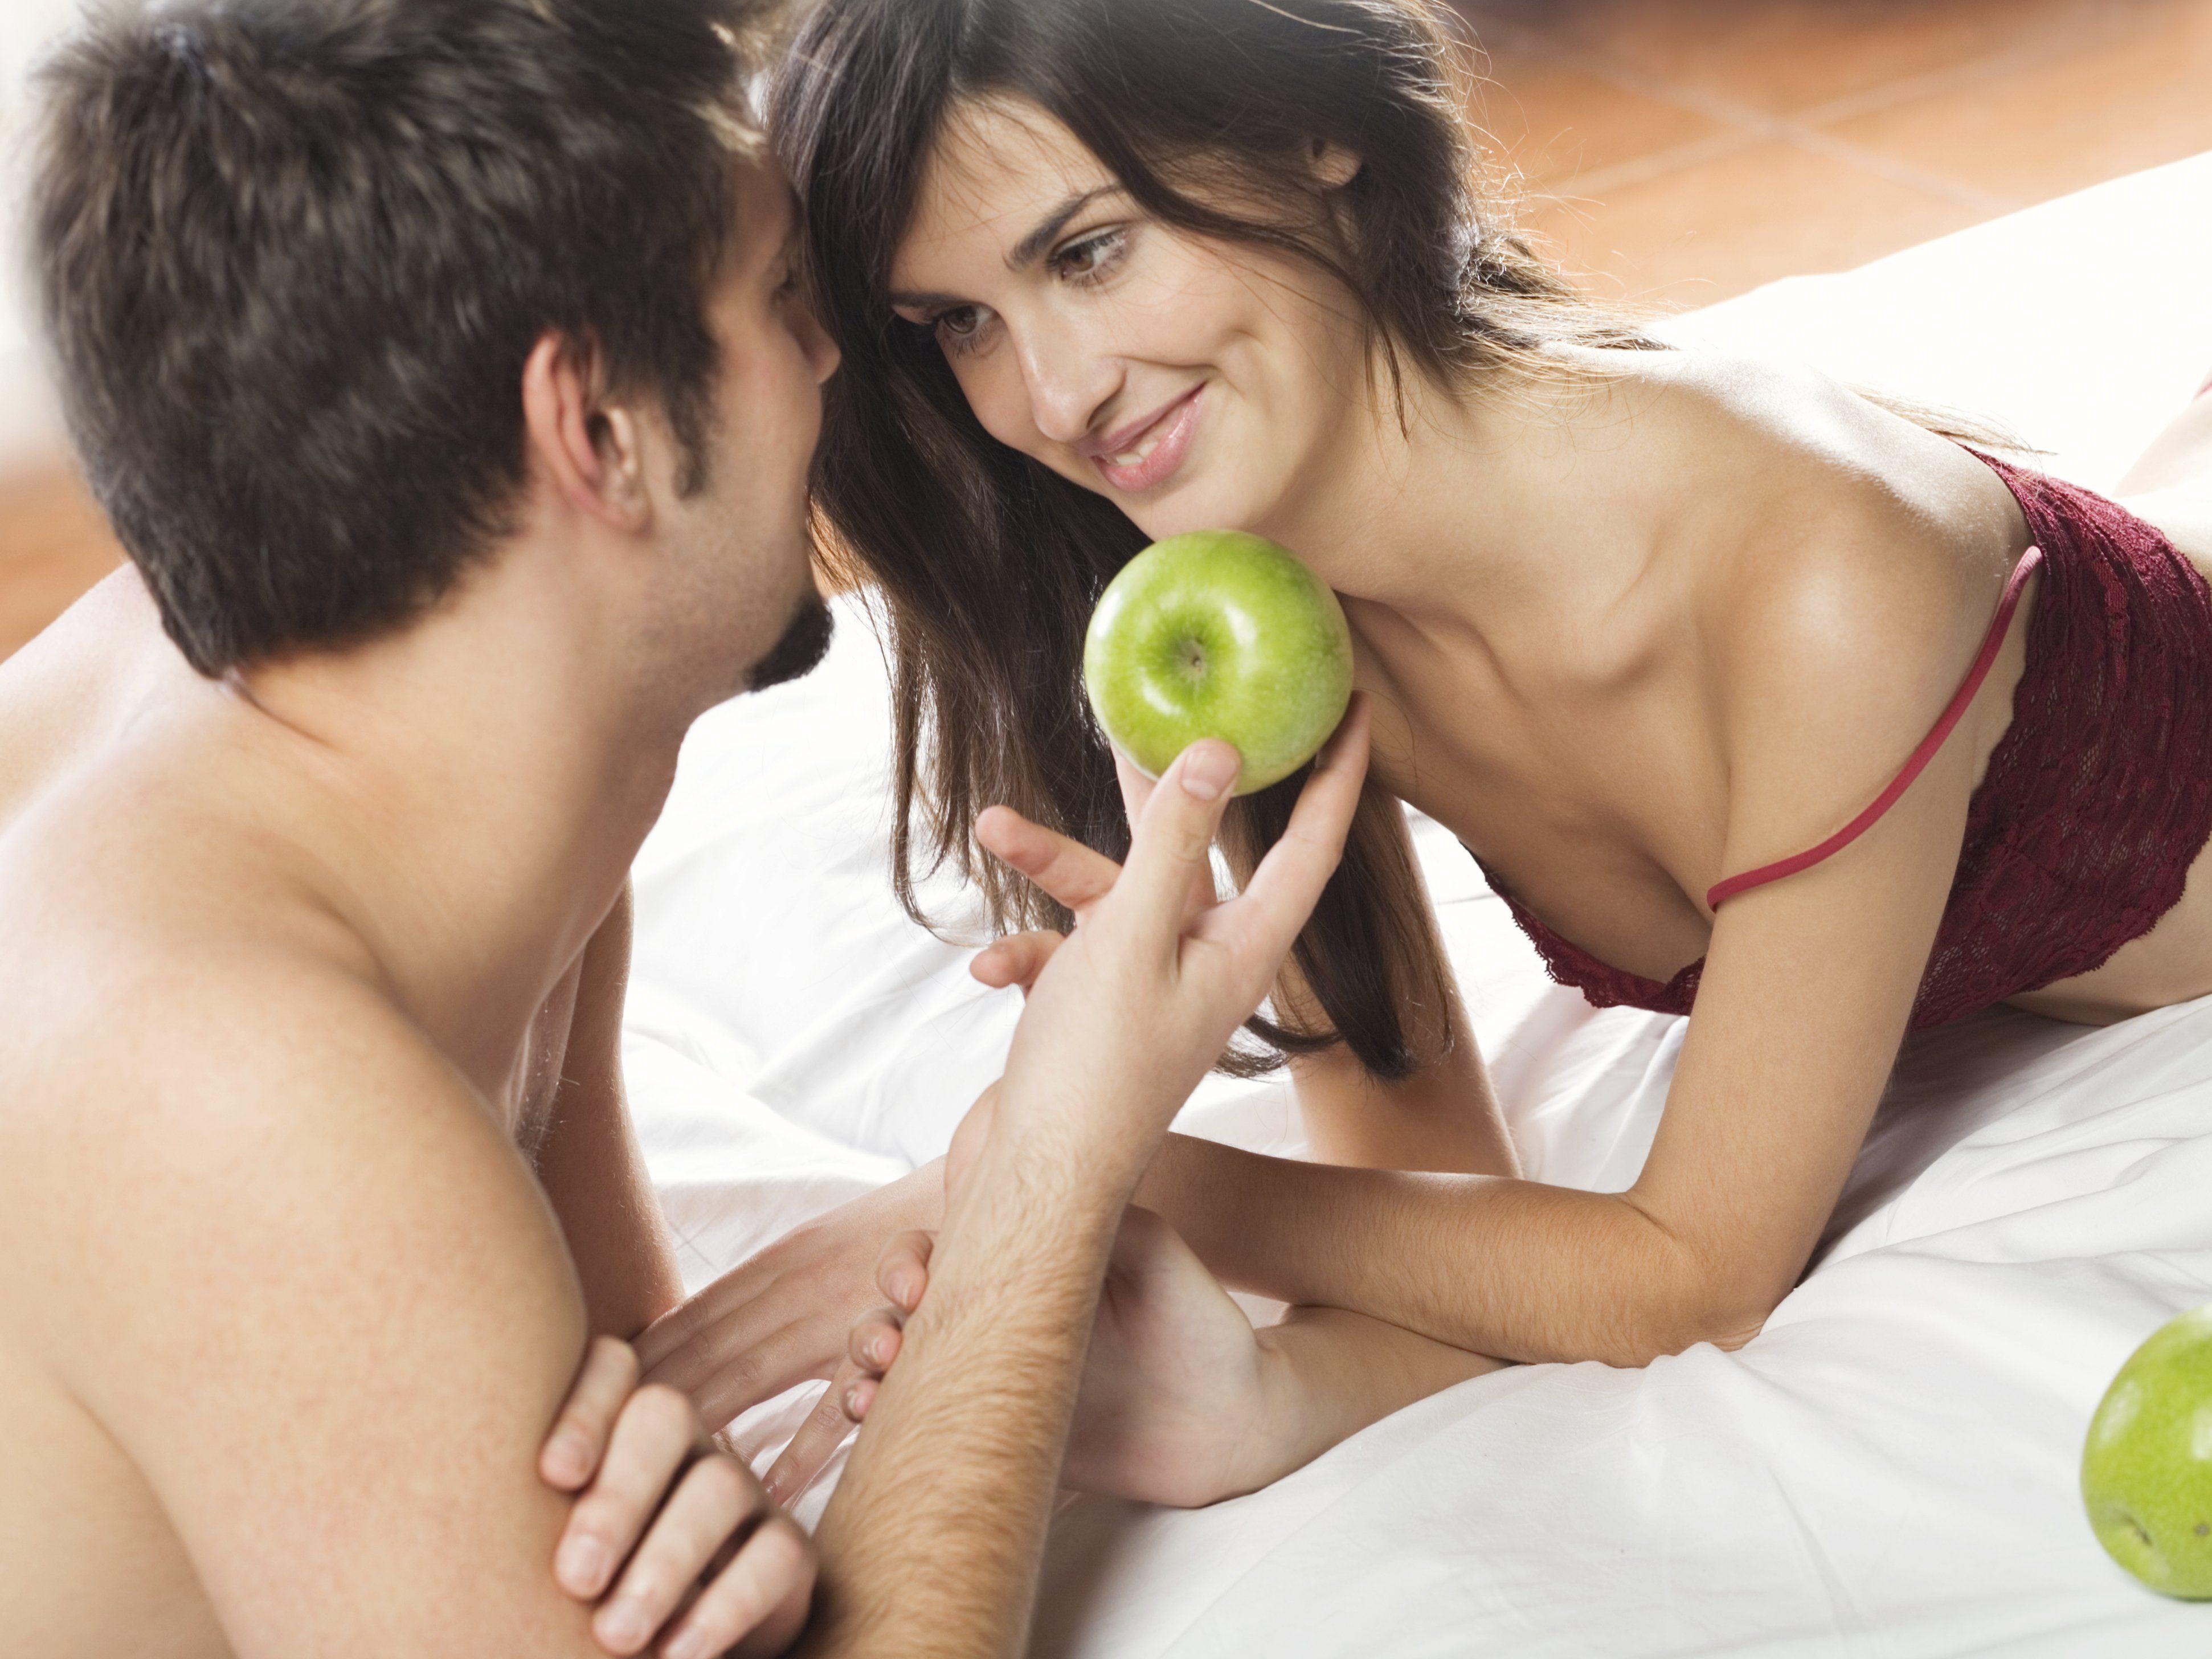 Чисти секс онлайн, Секис - бесплатное порно видео в режиме онлайн на 1 фотография